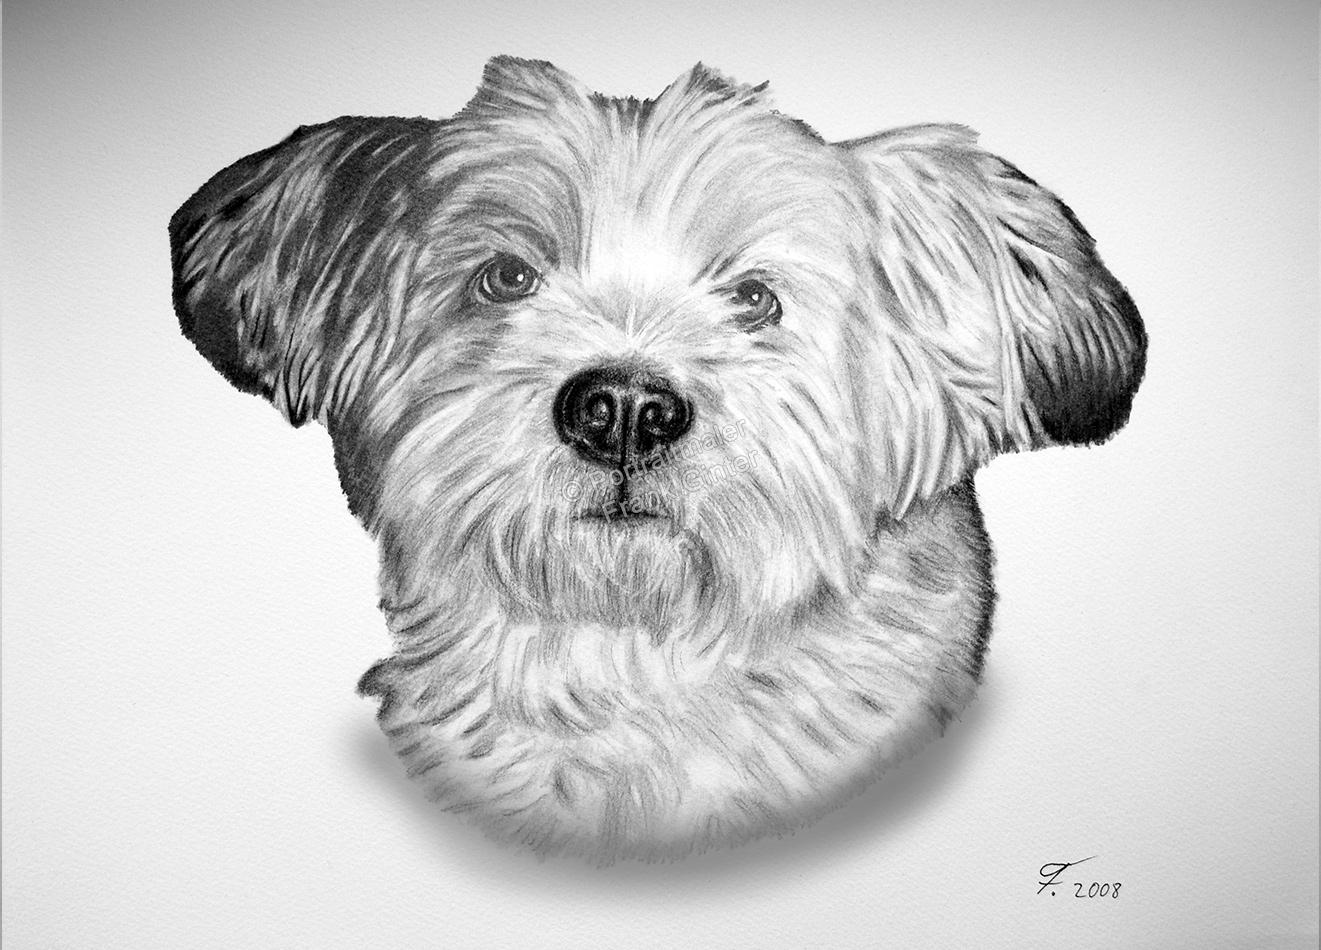 Bleistiftzeichnung vom Hund, Tierzeichnungen, Bleistiftzeichnungen, Tierportraits, Hundezeichnung mit Bleistift